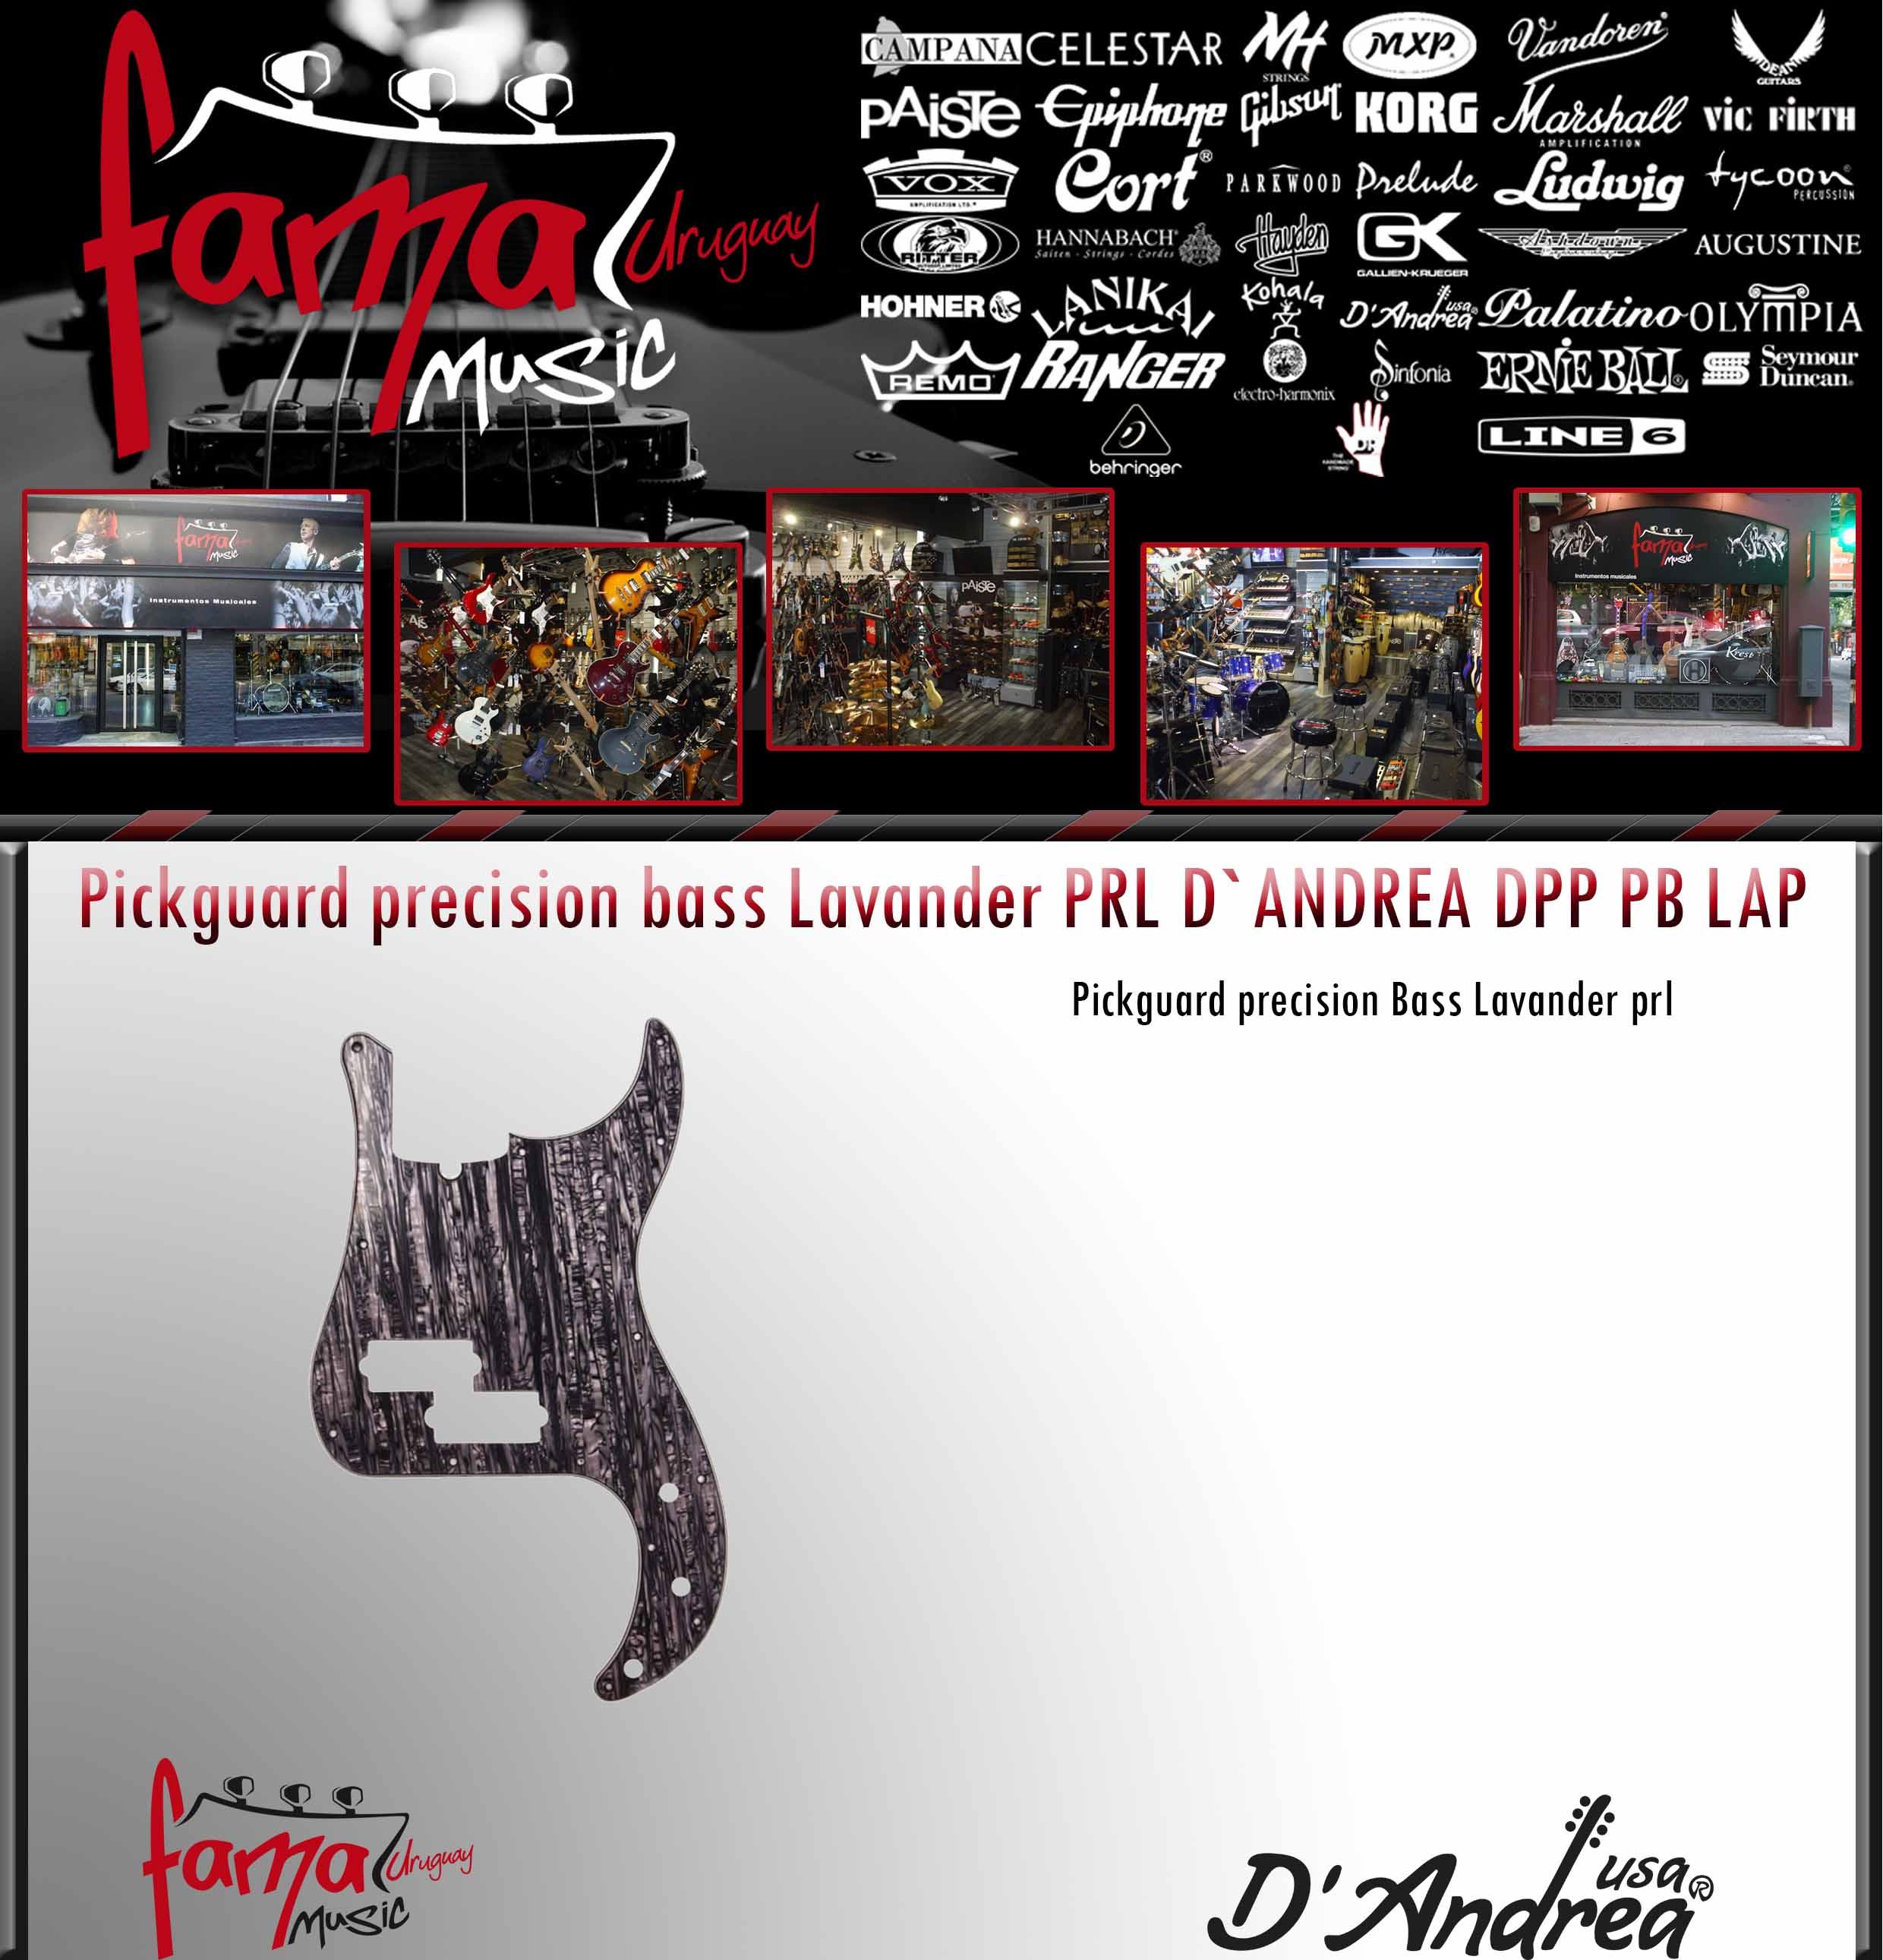 Pickguard precision bass Lavander PRL D`ANDREA DPP PB LAP